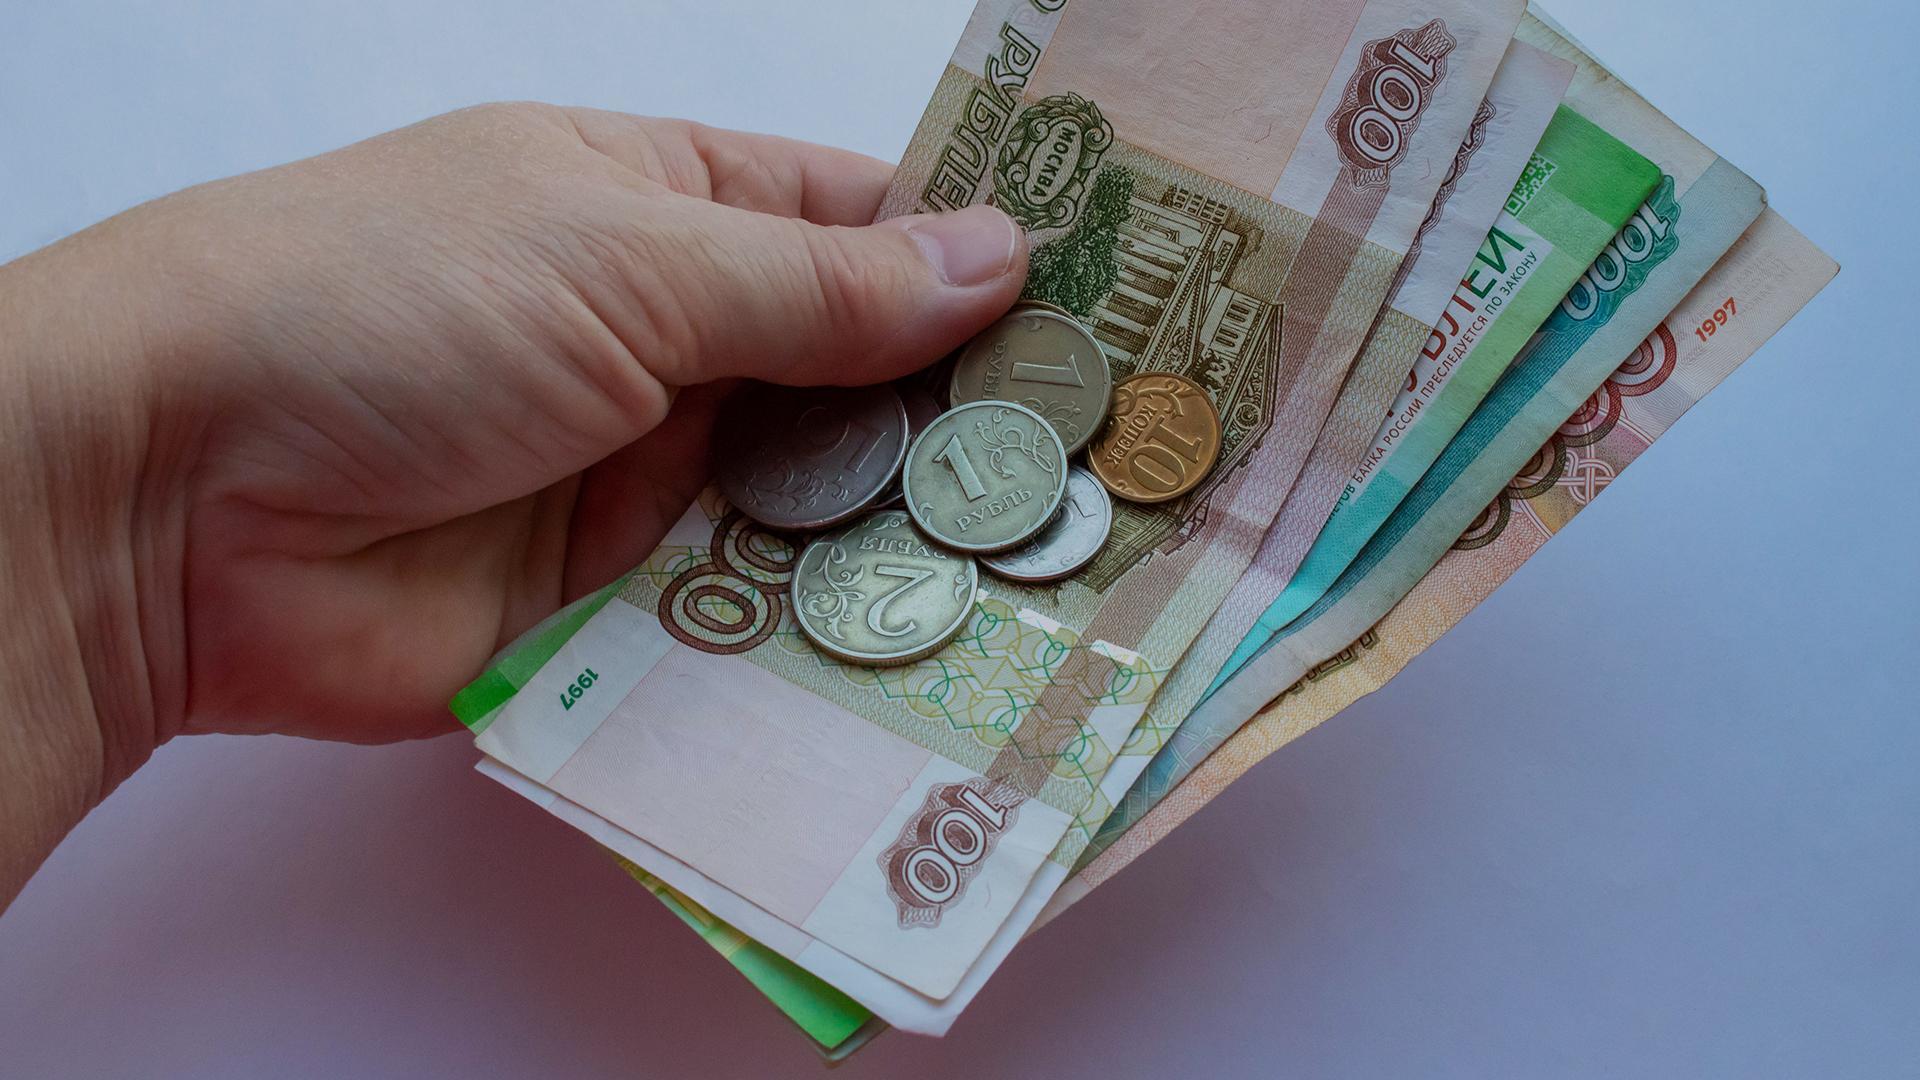 Пенсионеры смогут получать выплаты за самоизоляцию в 2020 году